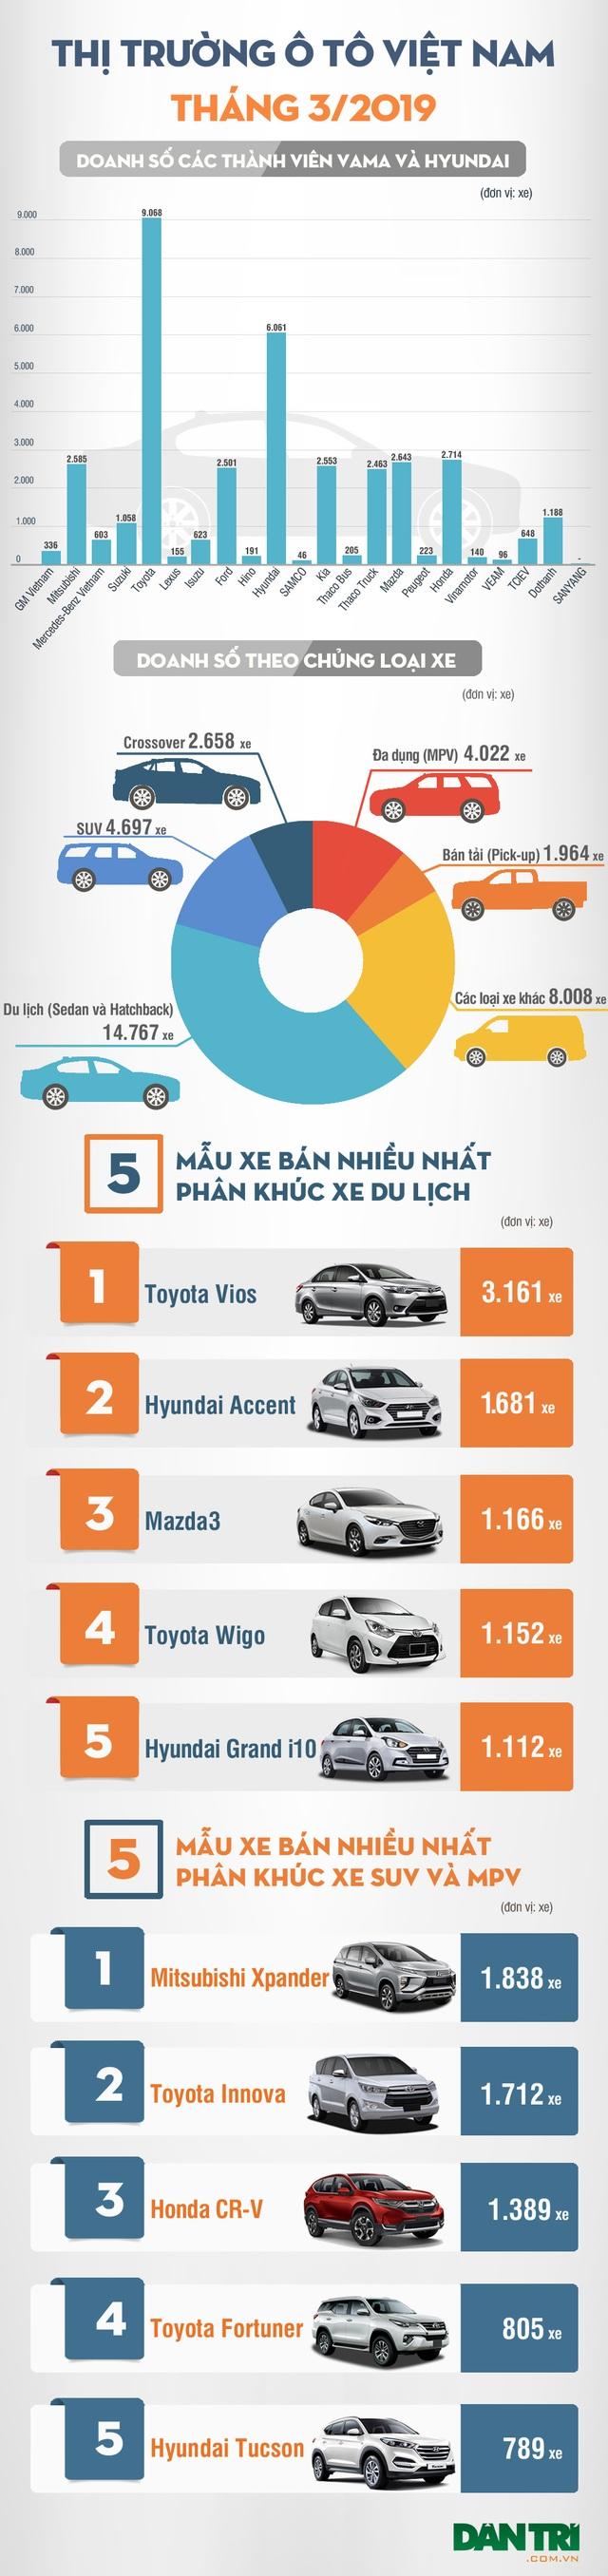 Thị trường ôtô trong nước tháng 3/2019: Thương hiệu nào bán được nhiều xe nhất? - 4